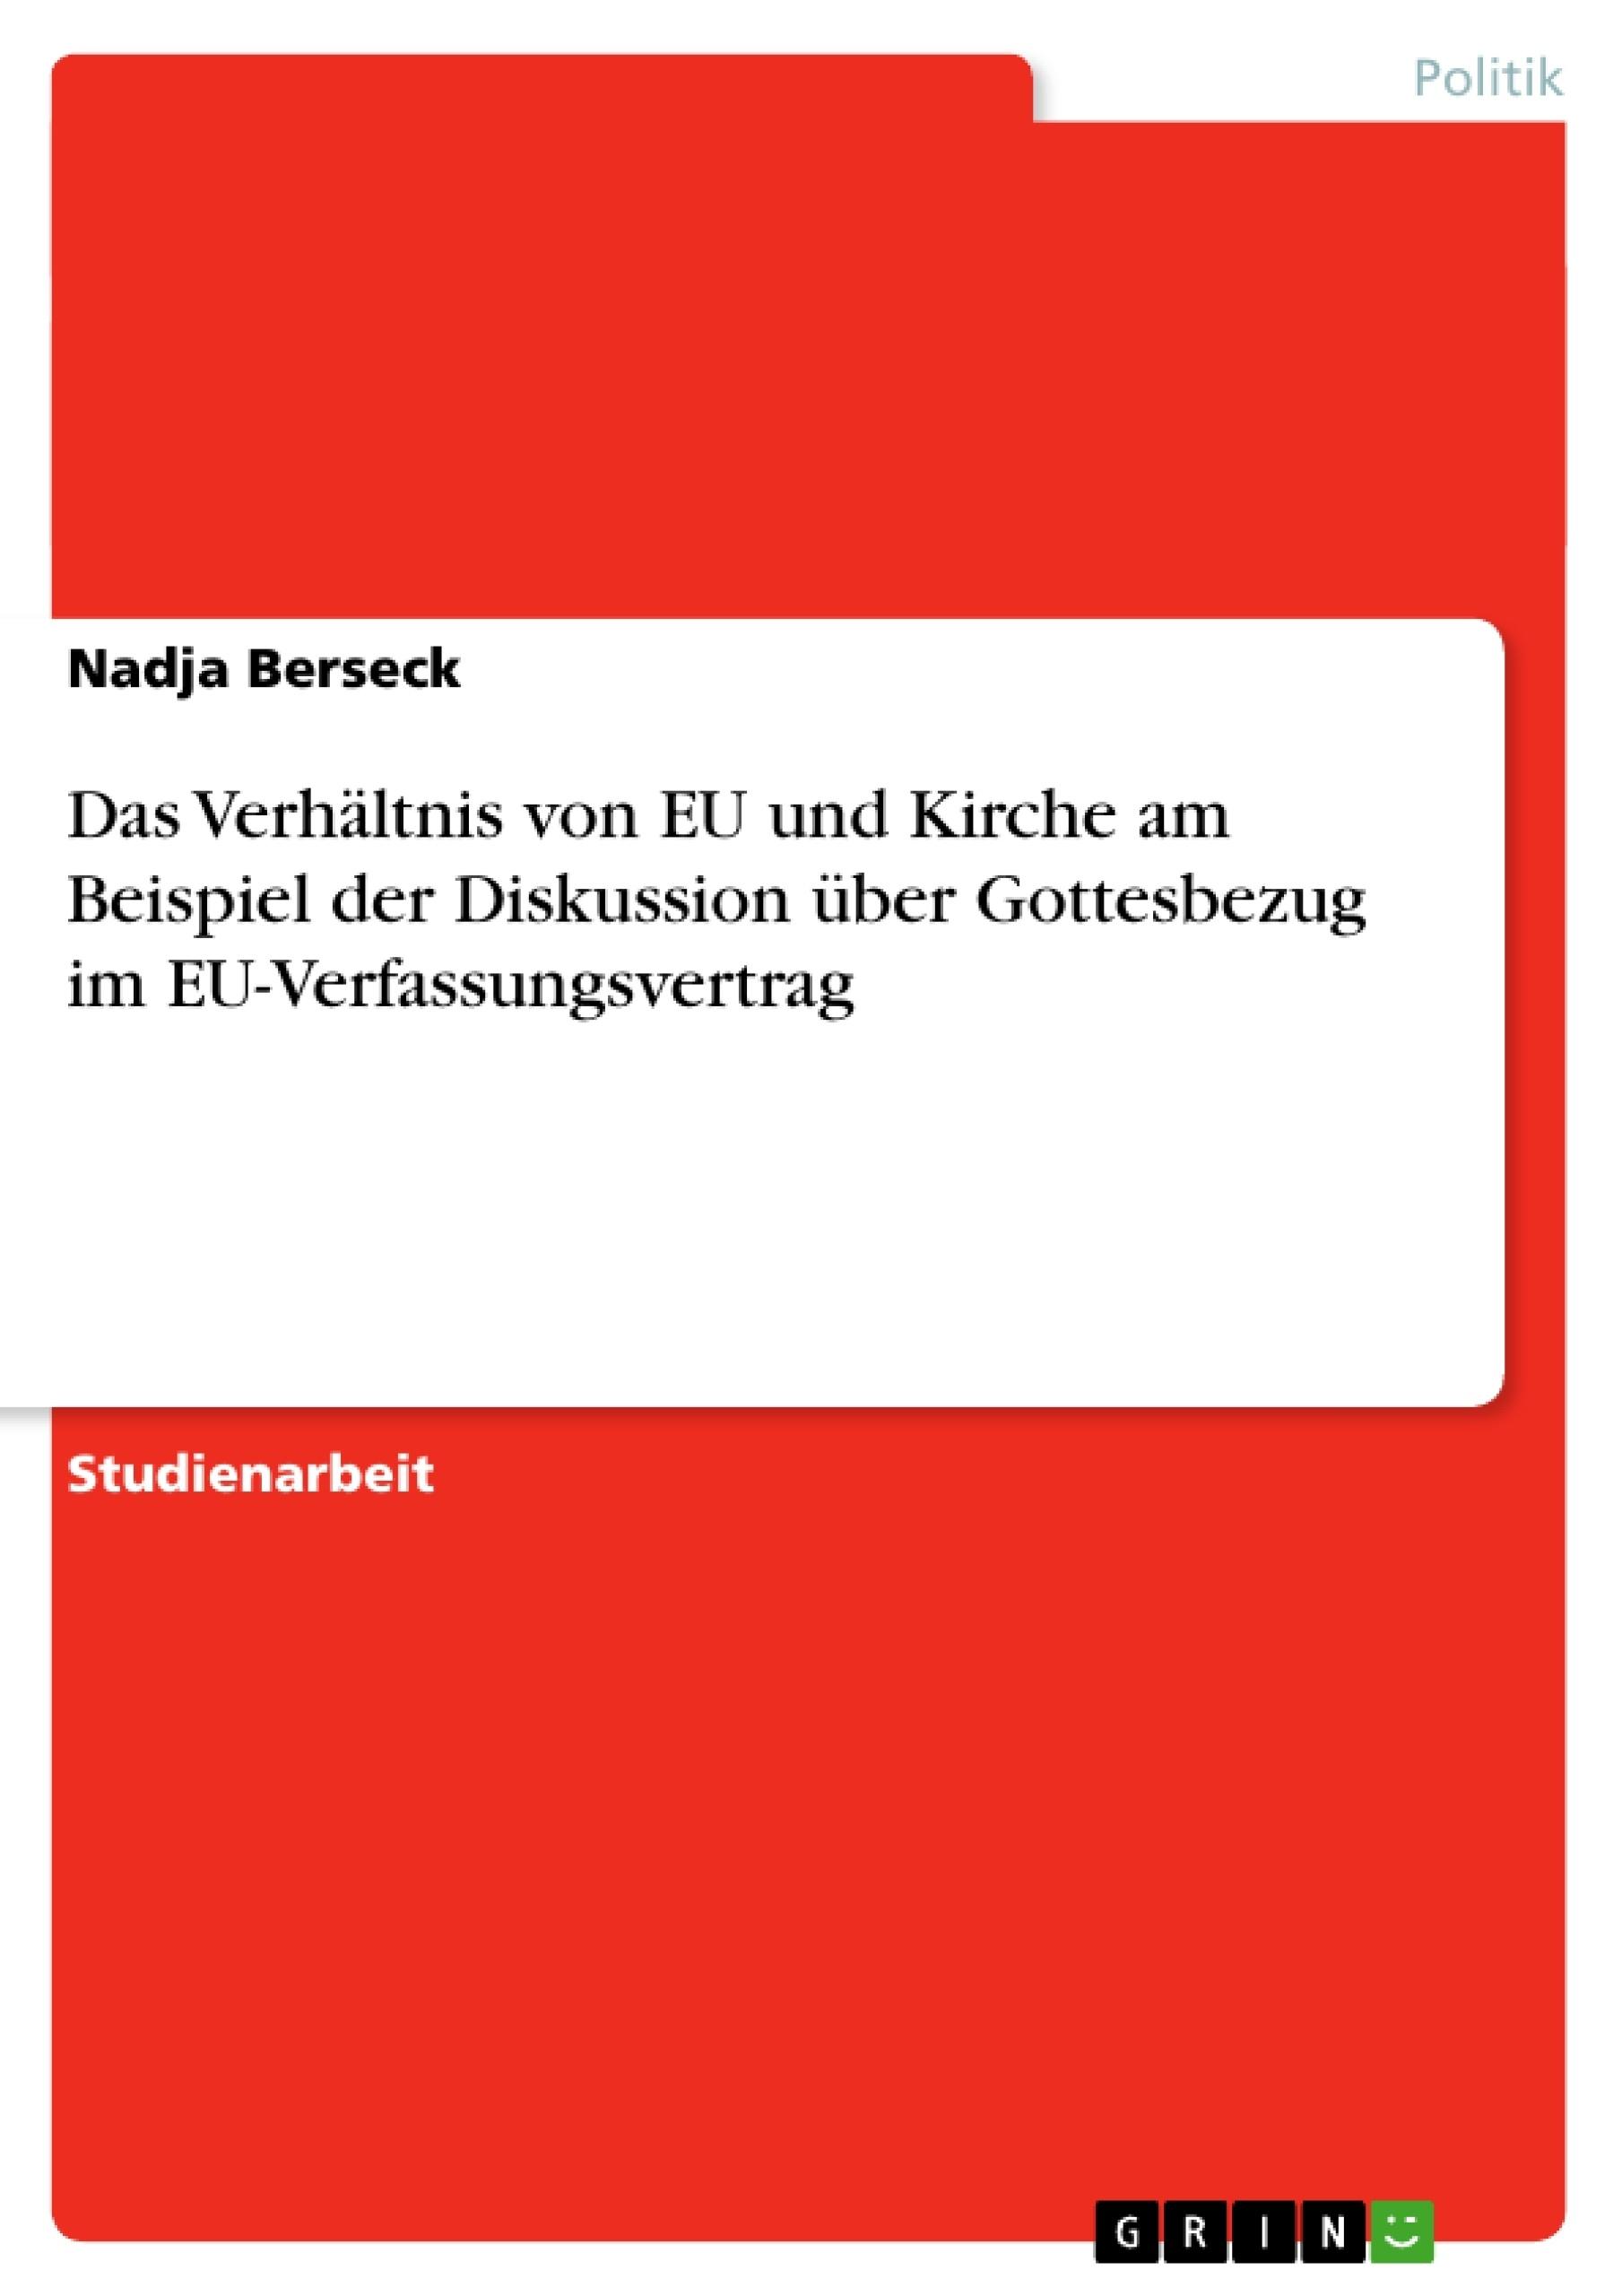 Titel: Das Verhältnis von EU und Kirche am Beispiel der Diskussion über Gottesbezug im EU-Verfassungsvertrag